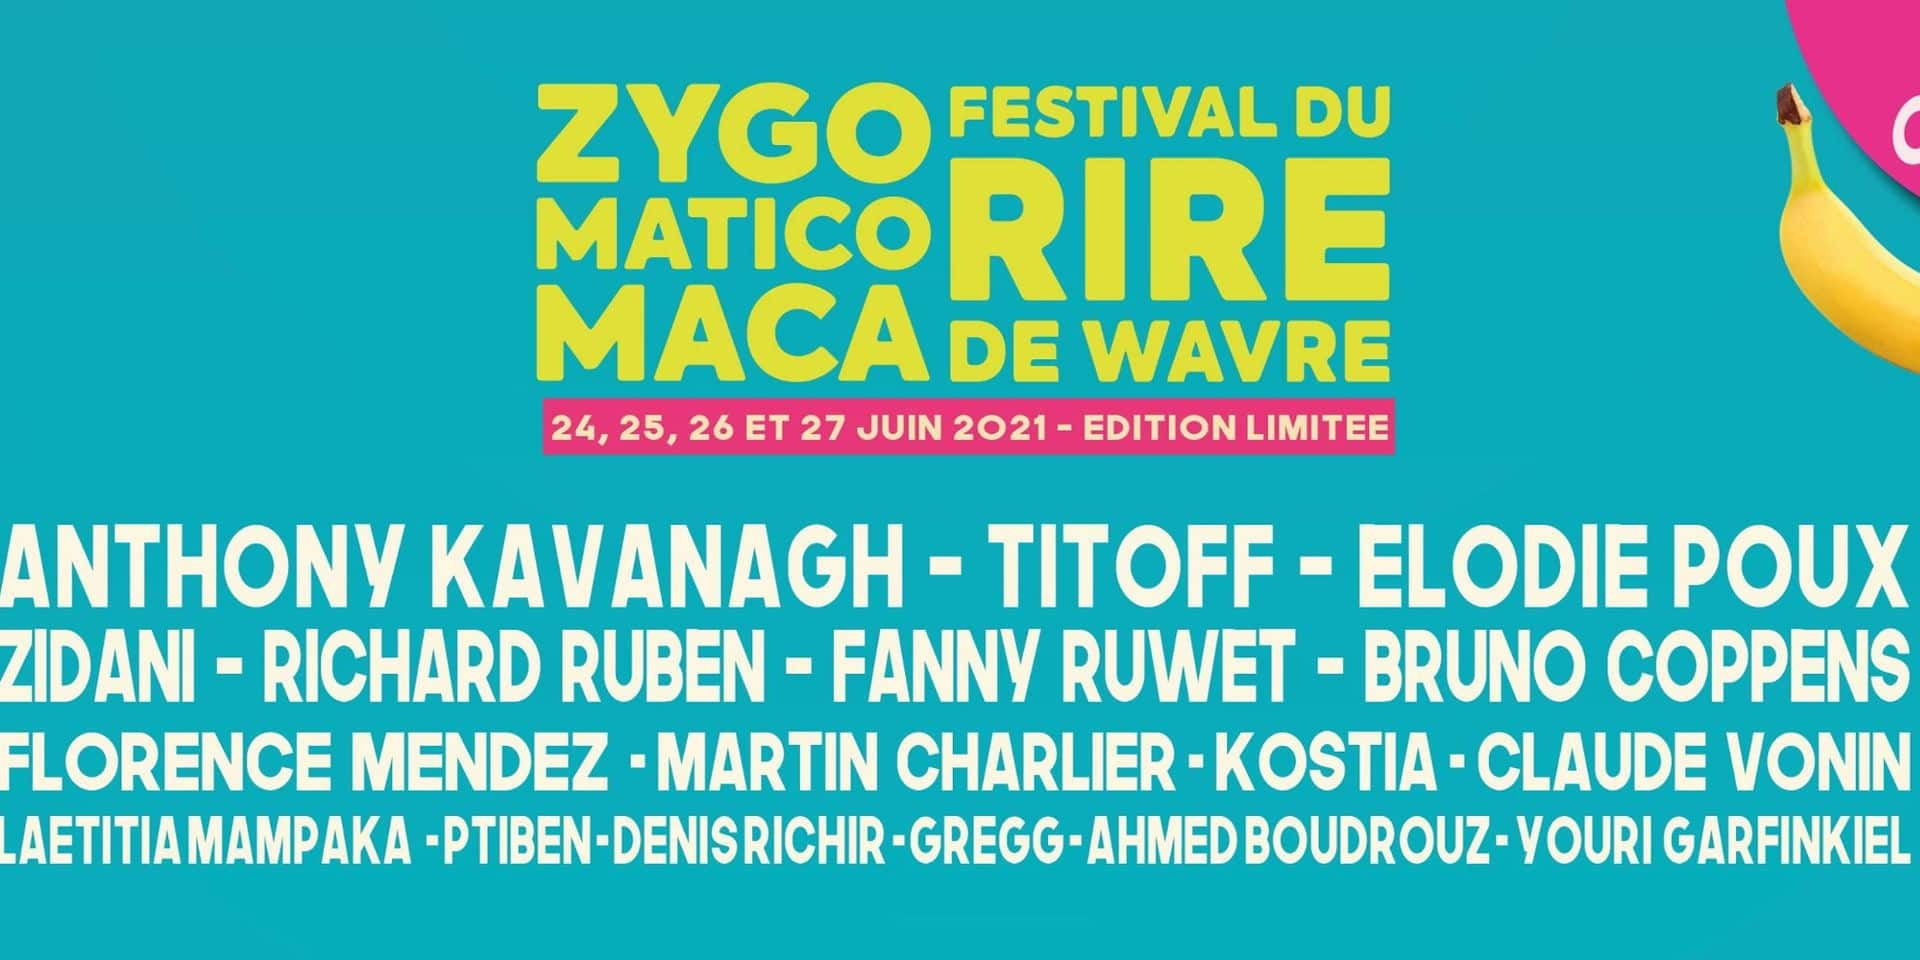 Remportez vos places pour le Zygomaticomaca, le festival du rire de Wavre